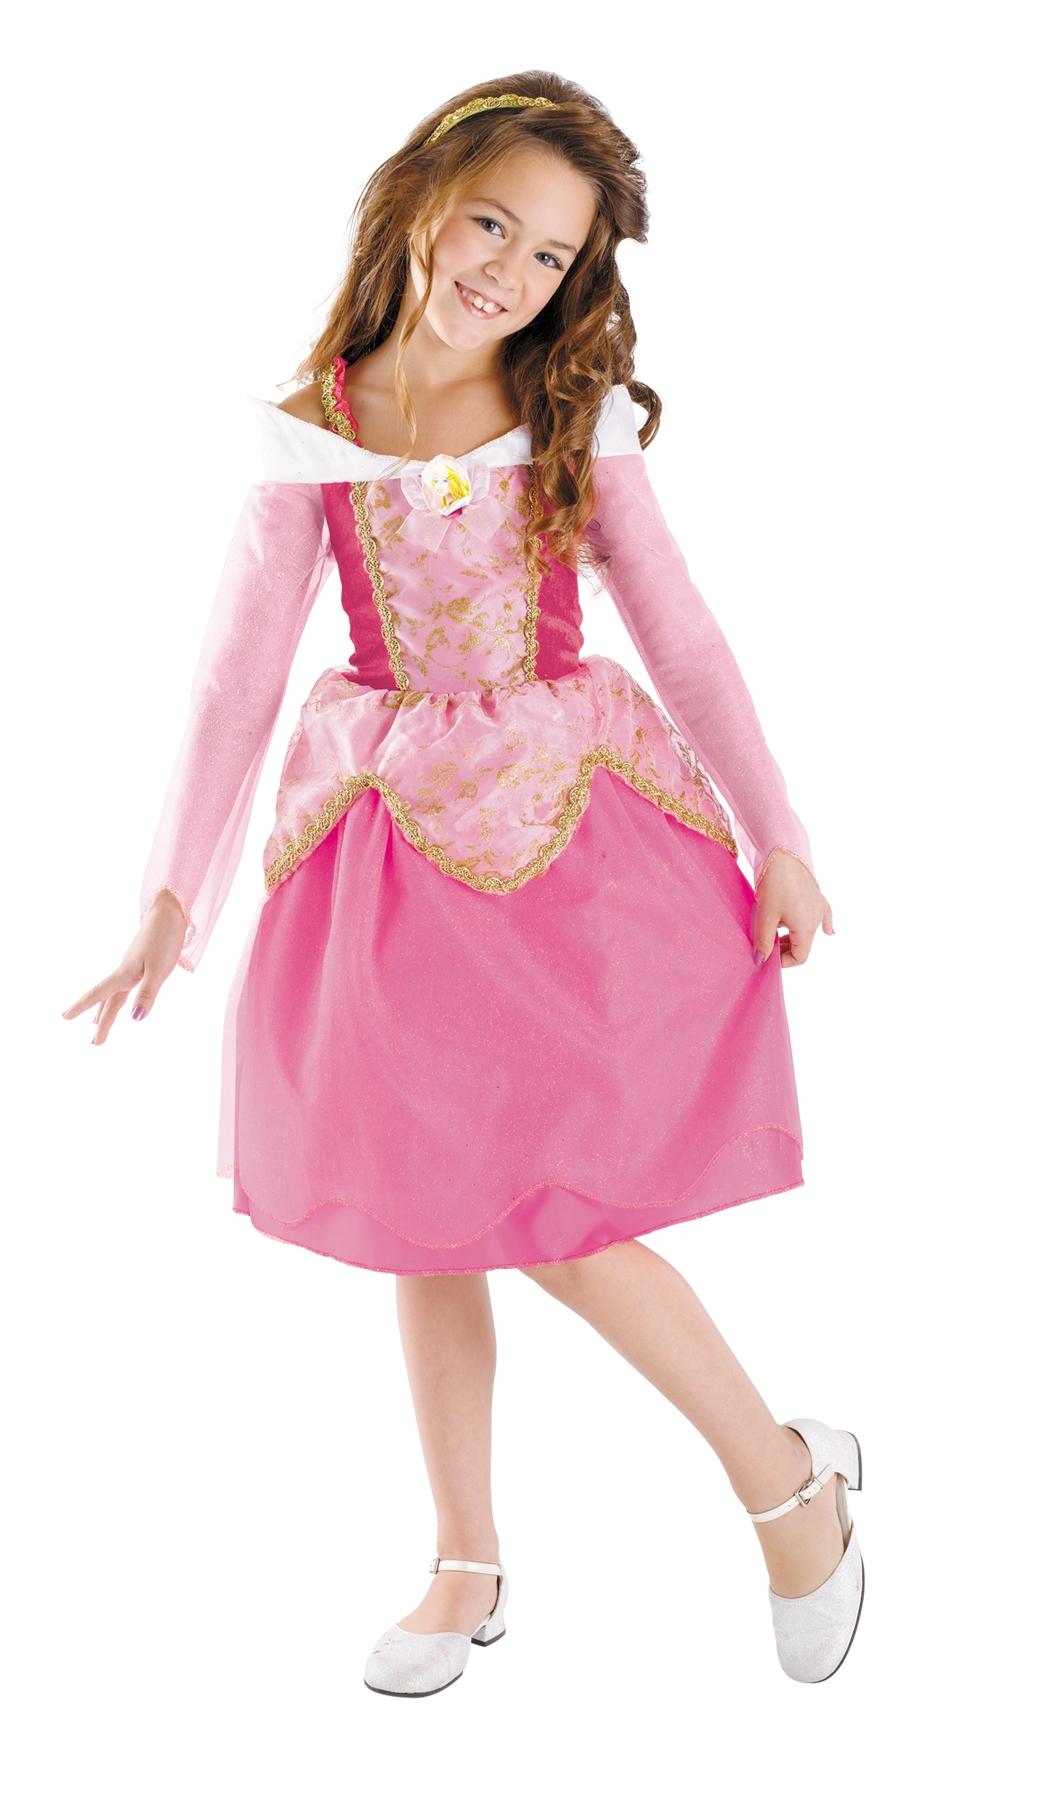 Детский костюм милой Авроры (26-30) детский костюм принцессы авроры 34